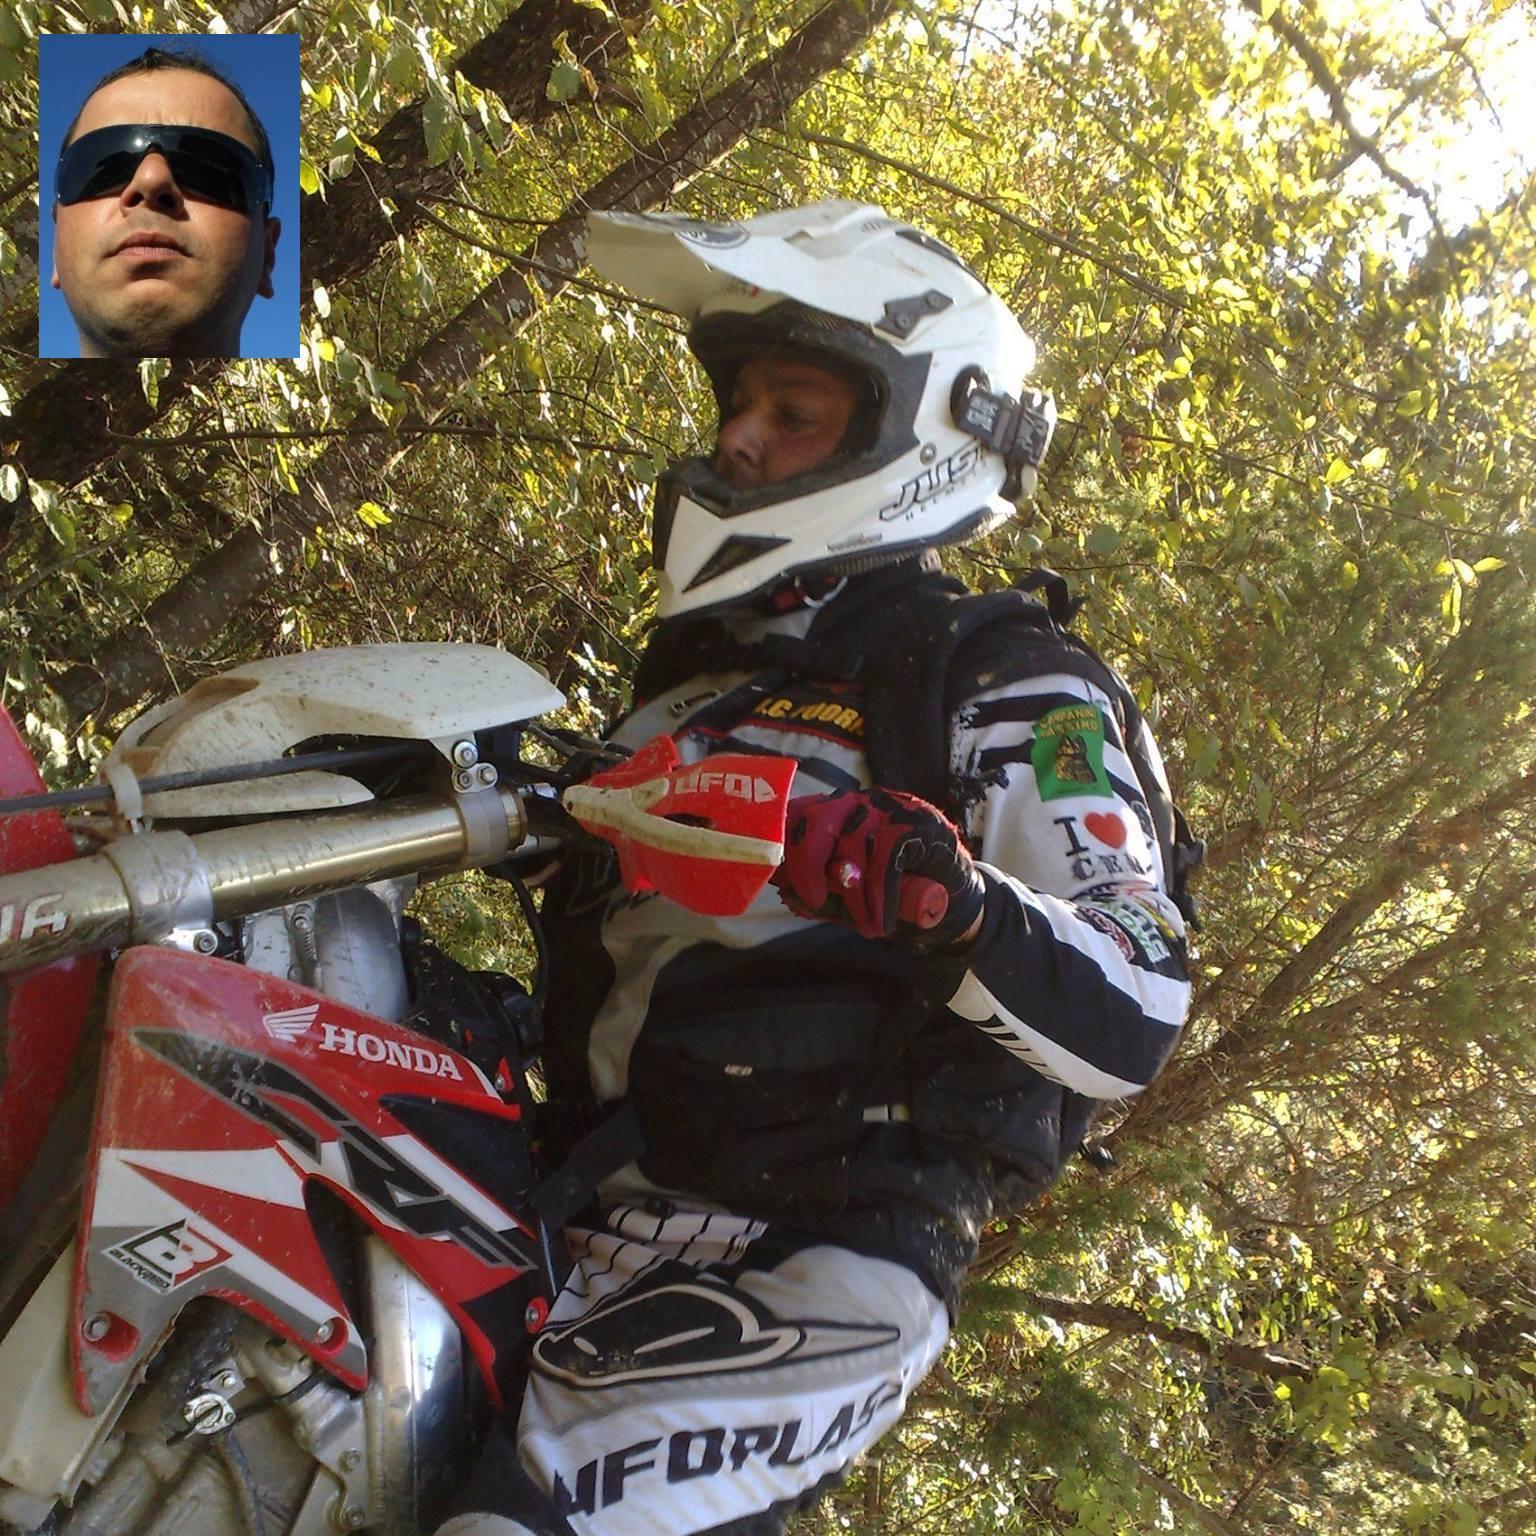 Tragico schianto a Traversetolo: moto contro camion, muore Andrea Ardenti Morini